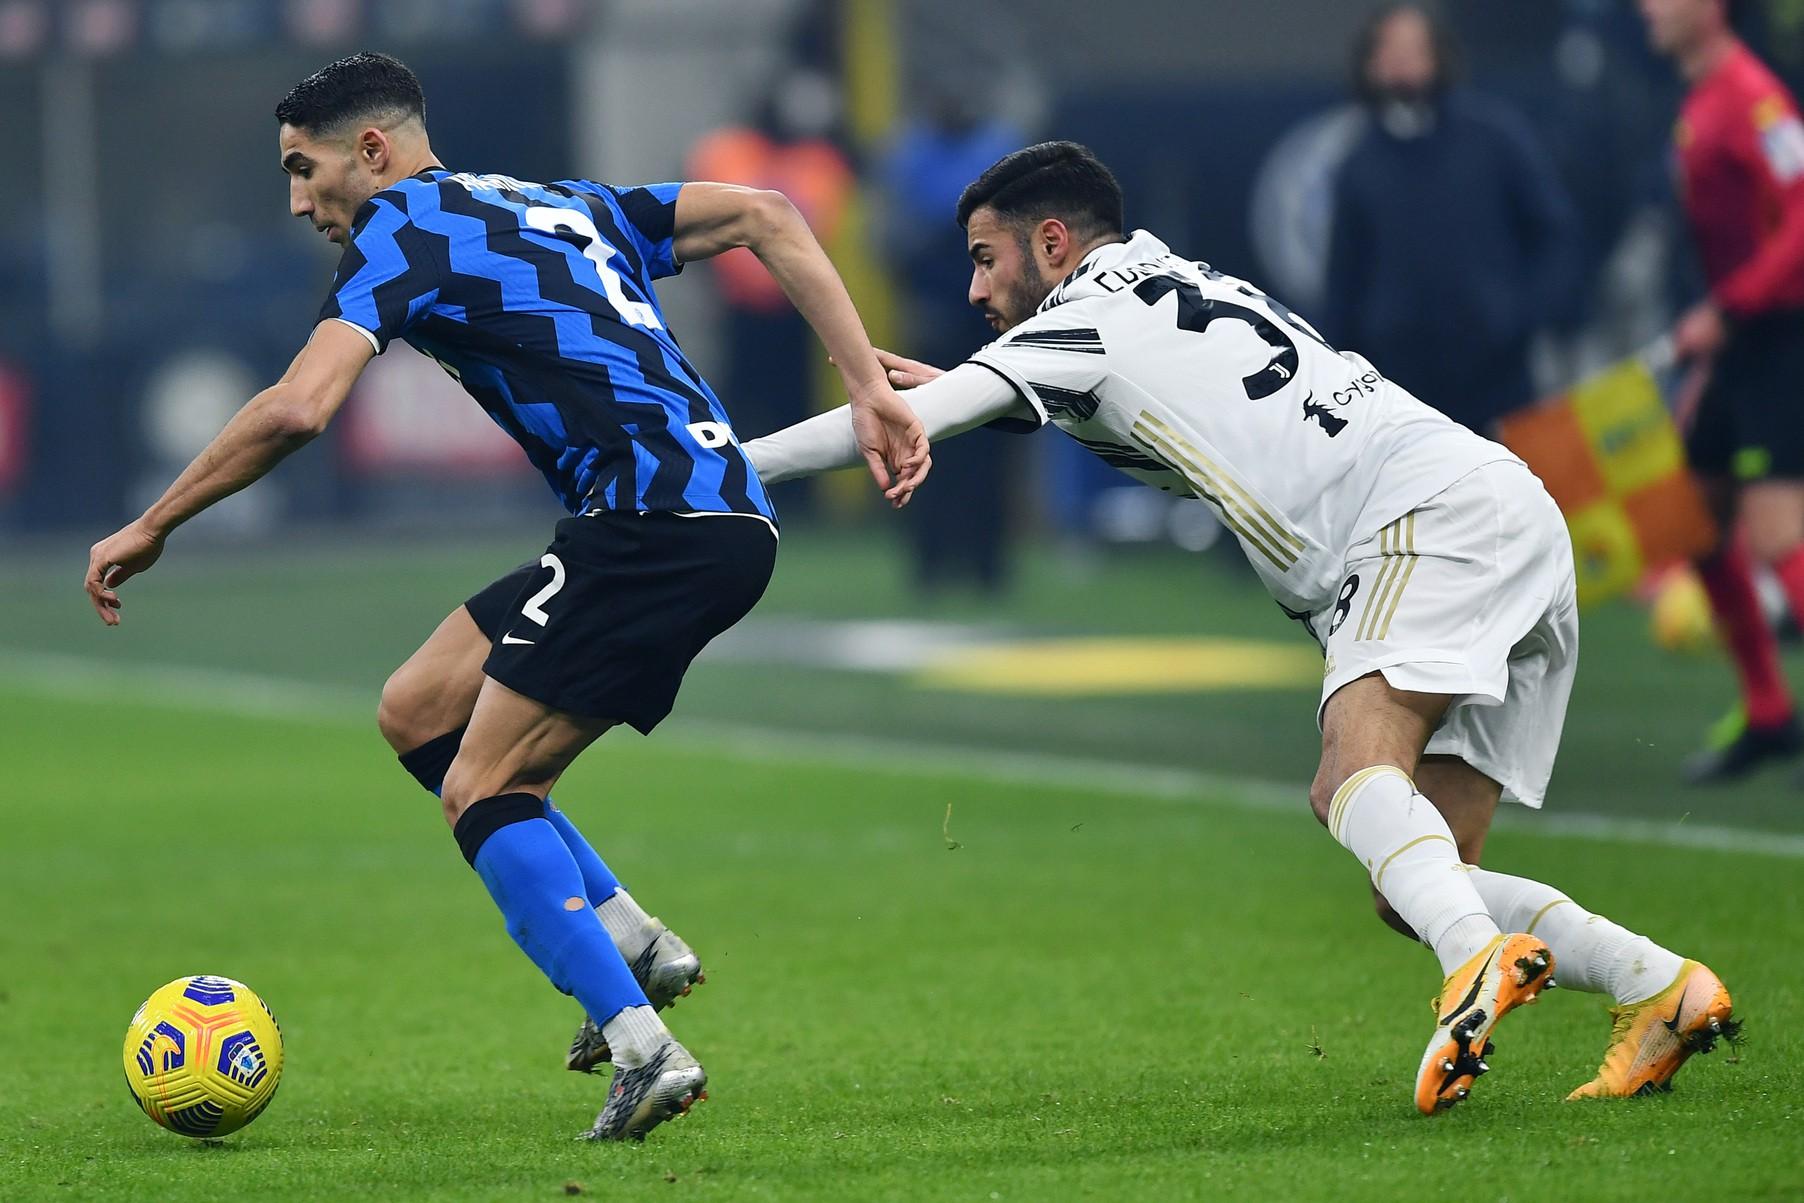 Juve-Inter, tutti d'accordo sul migliore: E' il n.1 in Italia |  Sport e Vai